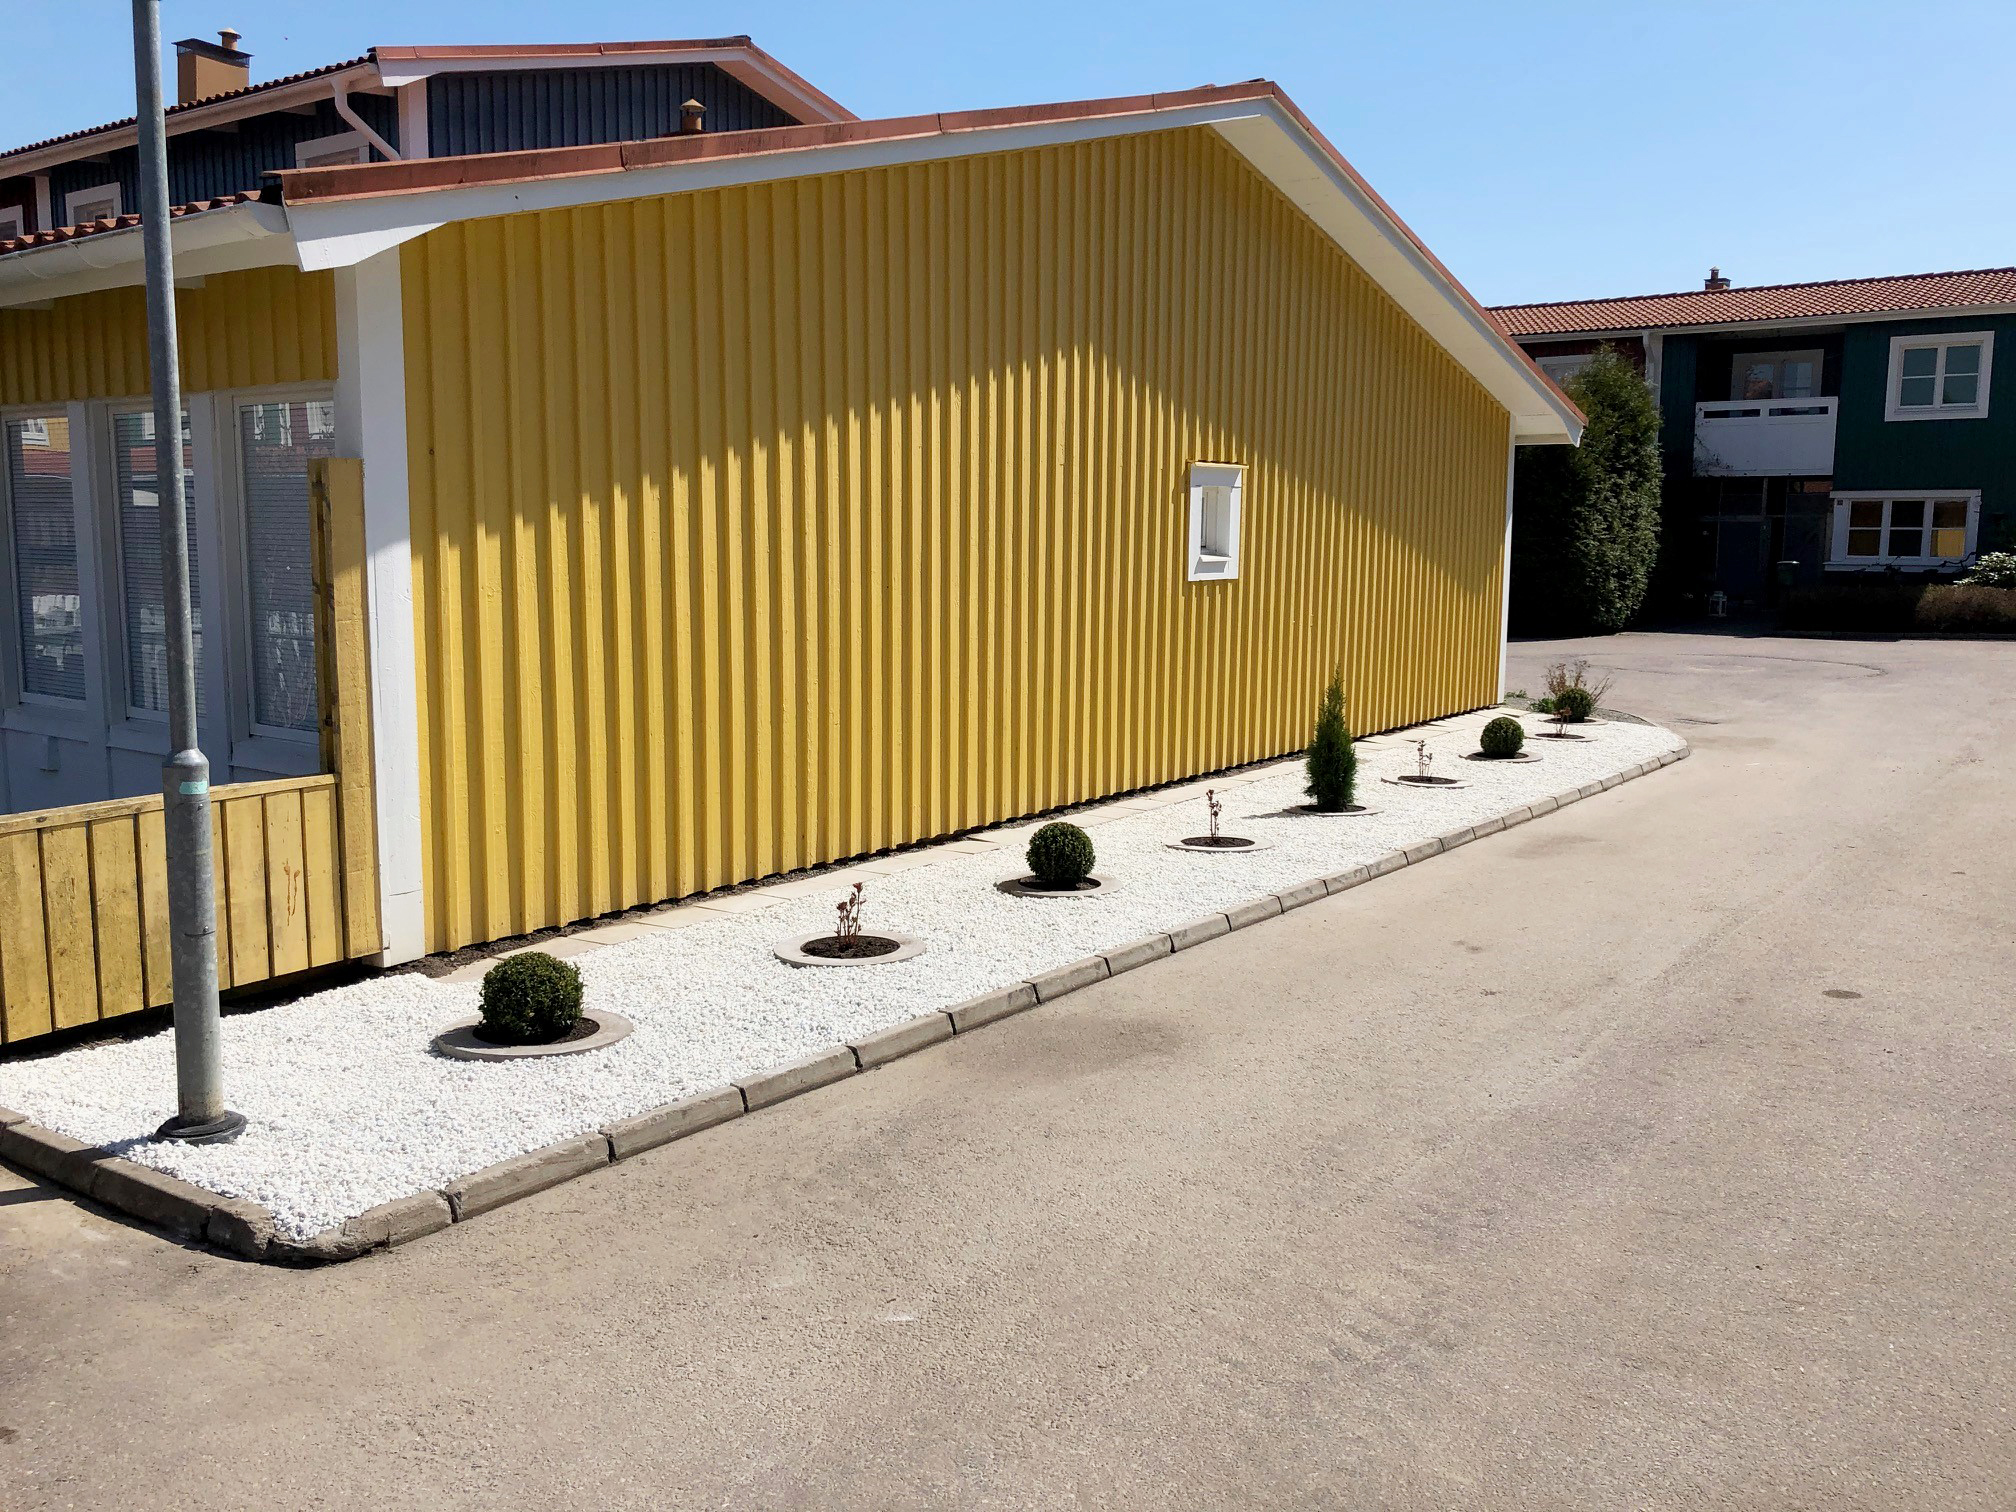 Rabatt med vit sten och buskar mot en gul fasad